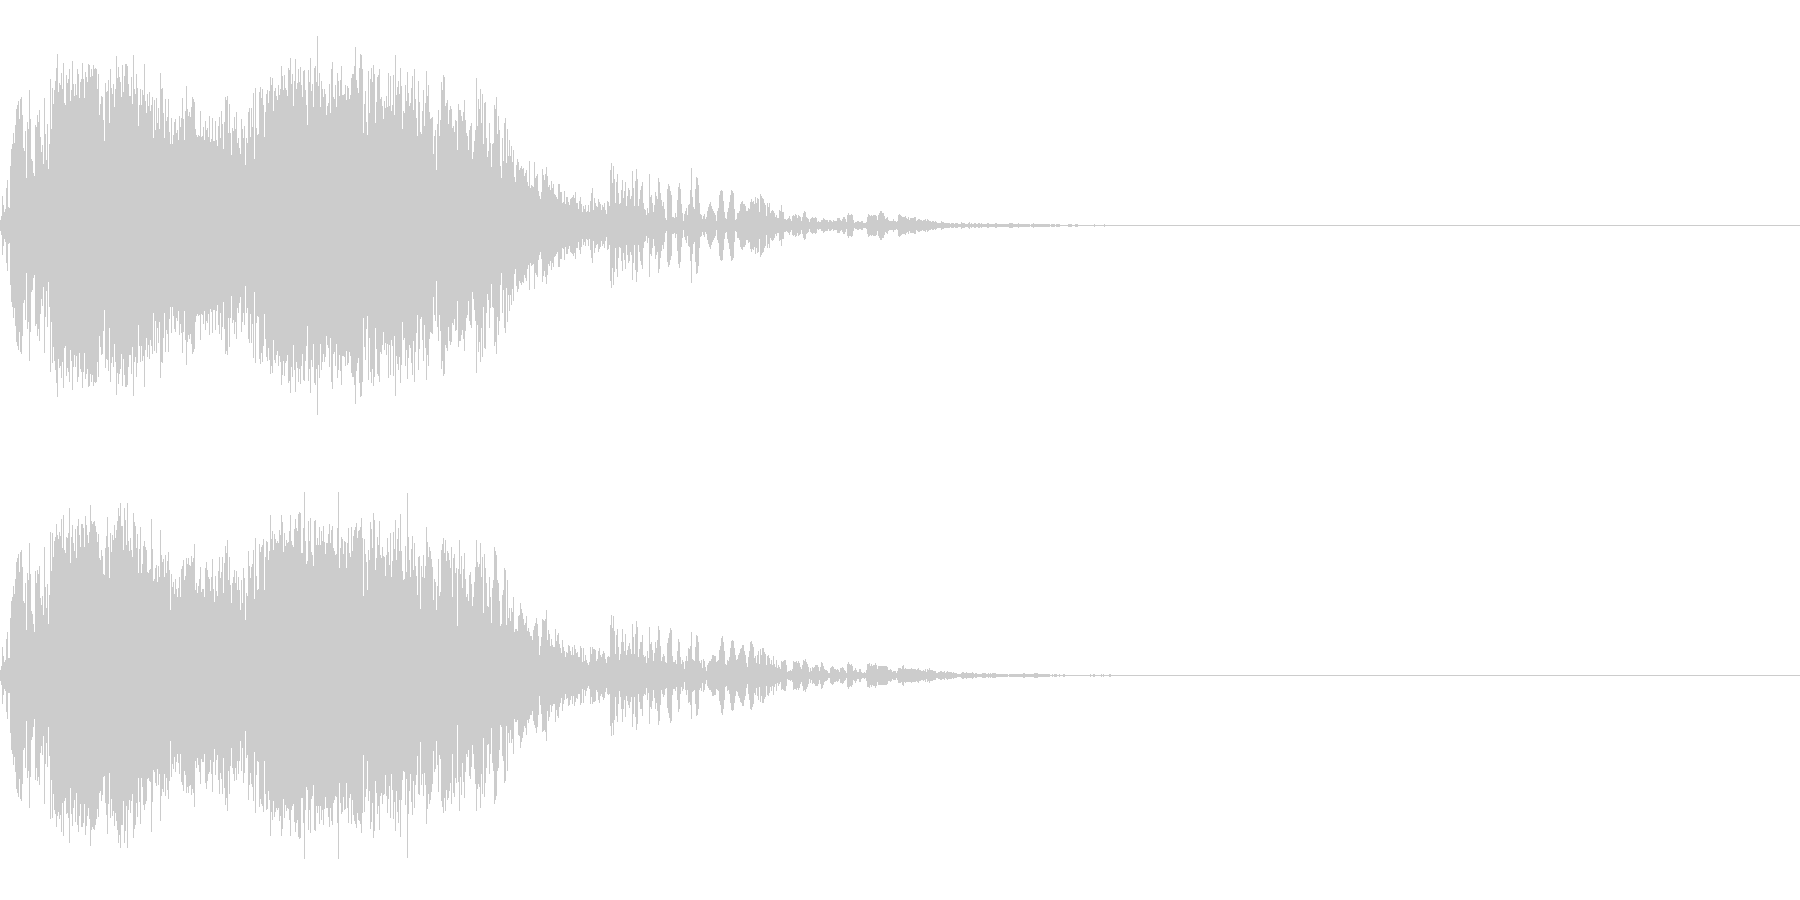 スパーク音-13の未再生の波形